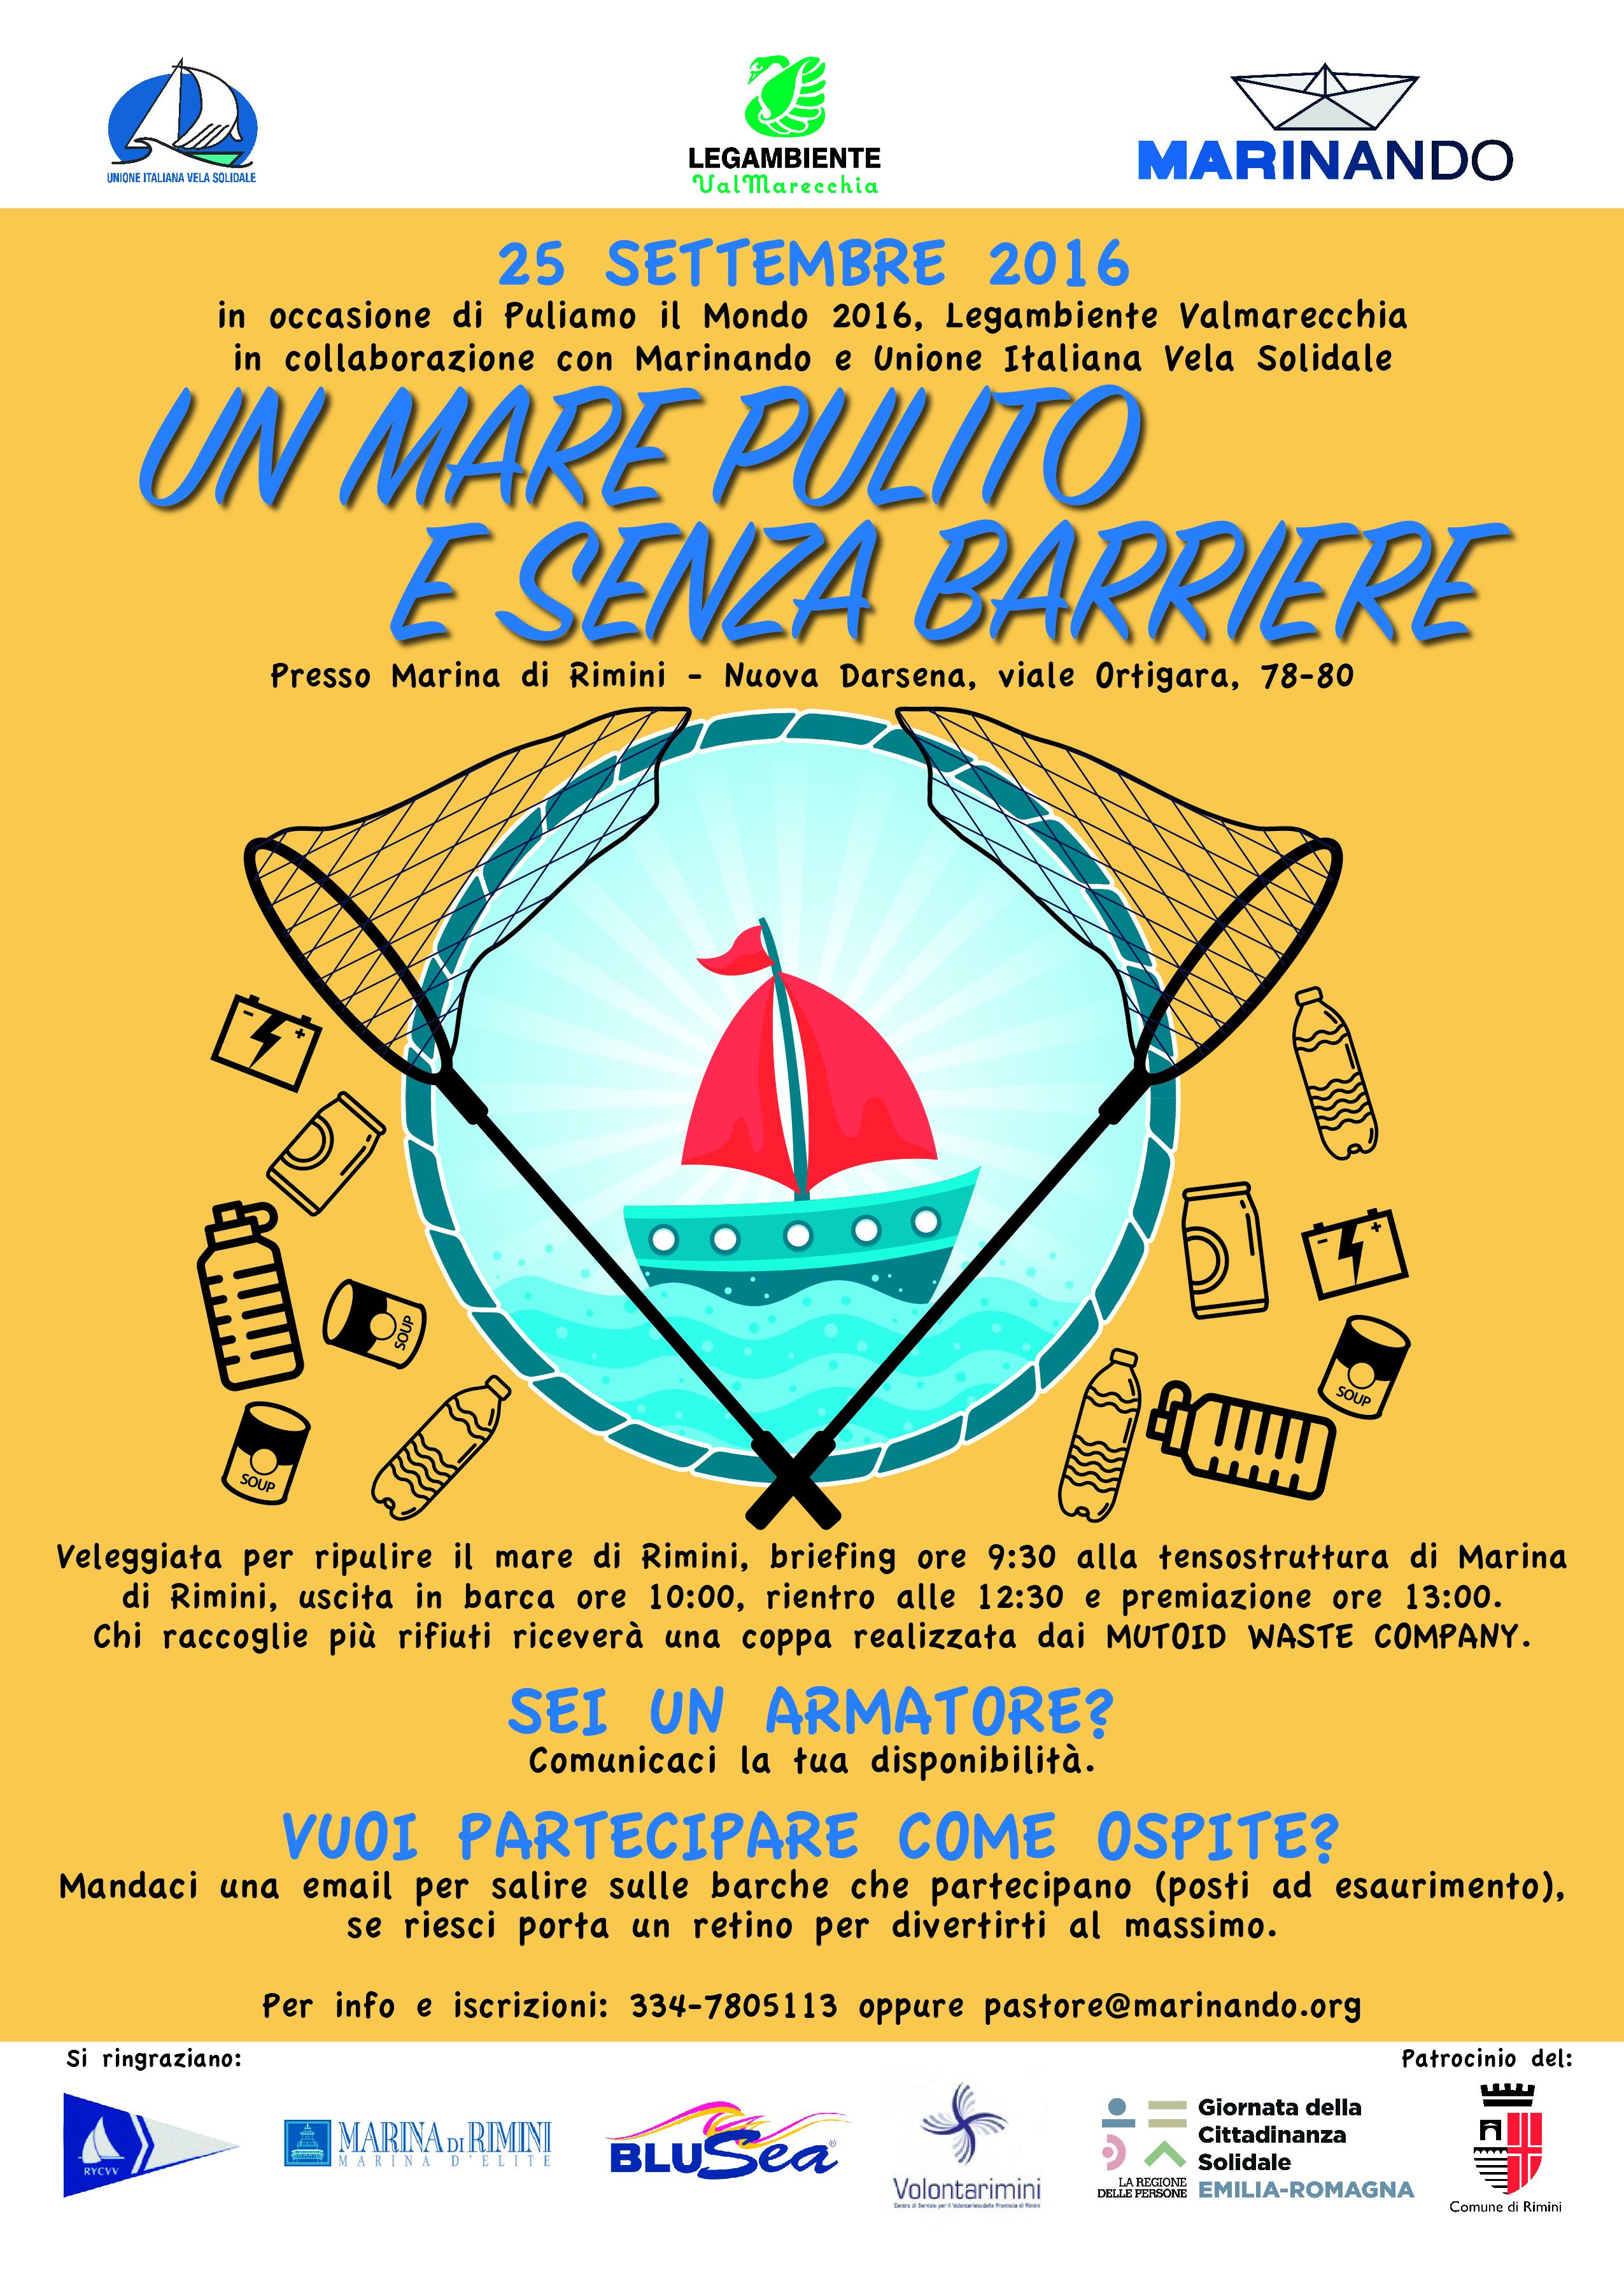 Puliamo il mondo 2016 Rimini